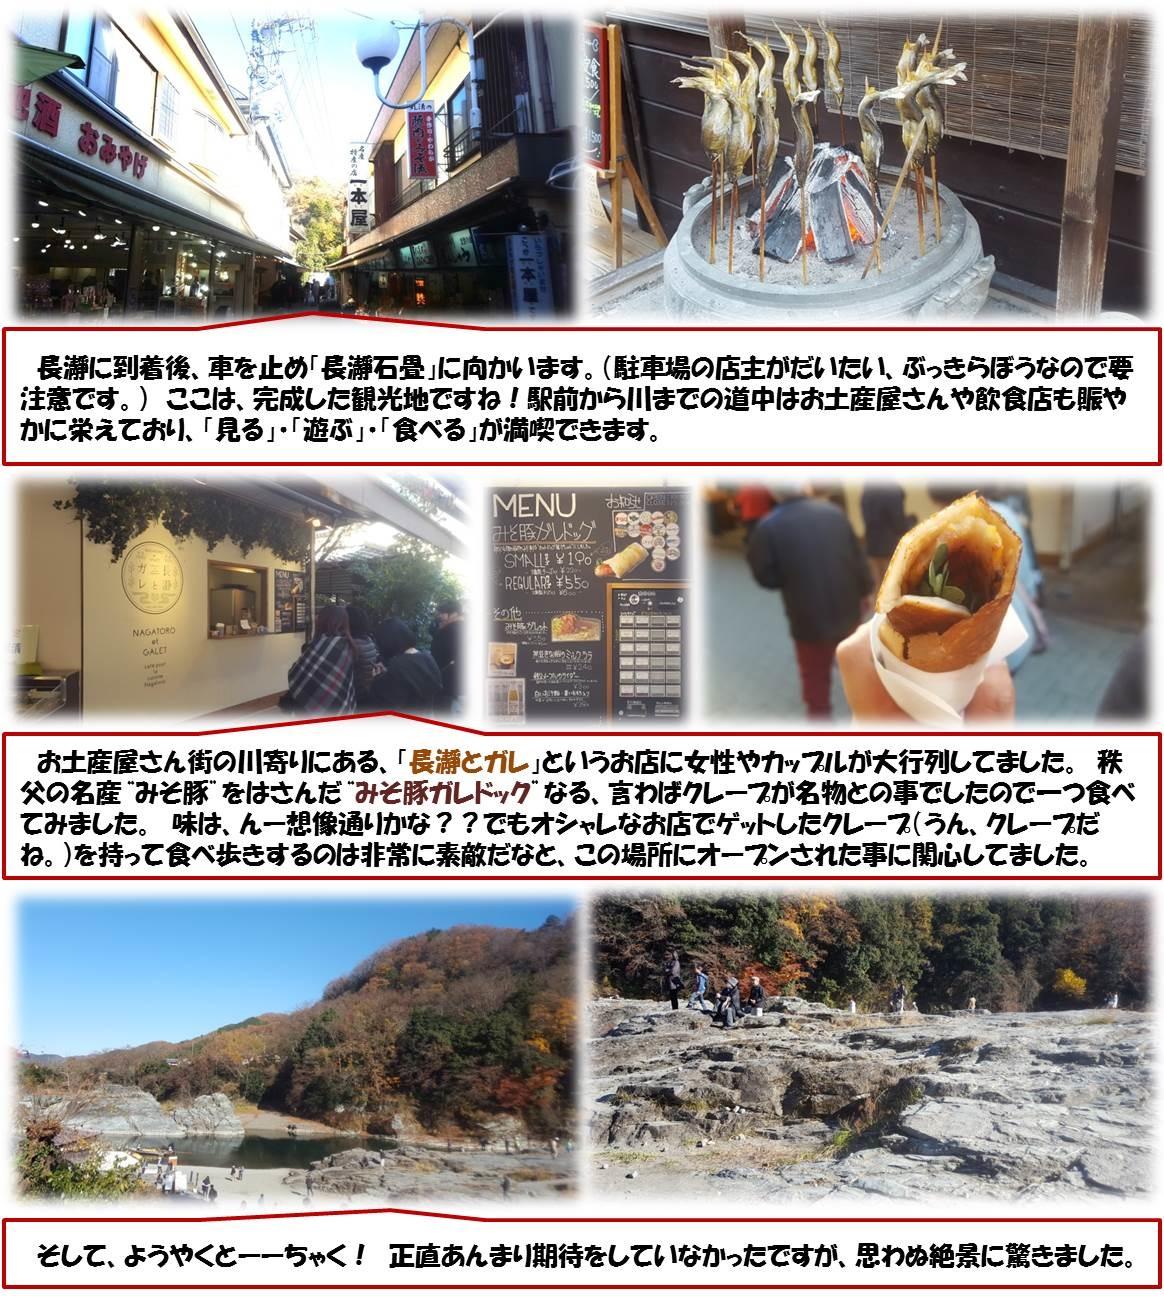 """長瀞に到着後、車を止め「長瀞石畳」に向かいます。(駐車場の店主がだいたい、ぶっきらぼうなので要注意です。) ここは、完成した観光地ですね!駅前から川までの道中はお土産屋さんや飲食店も賑やかに栄えており、「見る」・「遊ぶ」・「食べる」が満喫できます。 /  お土産屋さん街の川寄りにある、「長瀞とガレ」というお店に女性やカップルが大行列してました。 秩父の名産""""みそ豚""""をはさんだ""""みそ豚ガレドック""""なる、言わばクレープが名物との事でしたので一つ食べてみました。 味は、んー想像通りかな??でもオシャレなお店でゲットしたクレープ(うん、クレープだね。)を持って食べ歩きするのは非常に素敵だなと、この場所にオープンされた事に関心してました。 /  そして、ようやくとーーちゃく! 正直あんまり期待をしていなかったですが、思わぬ絶景に驚きました。"""